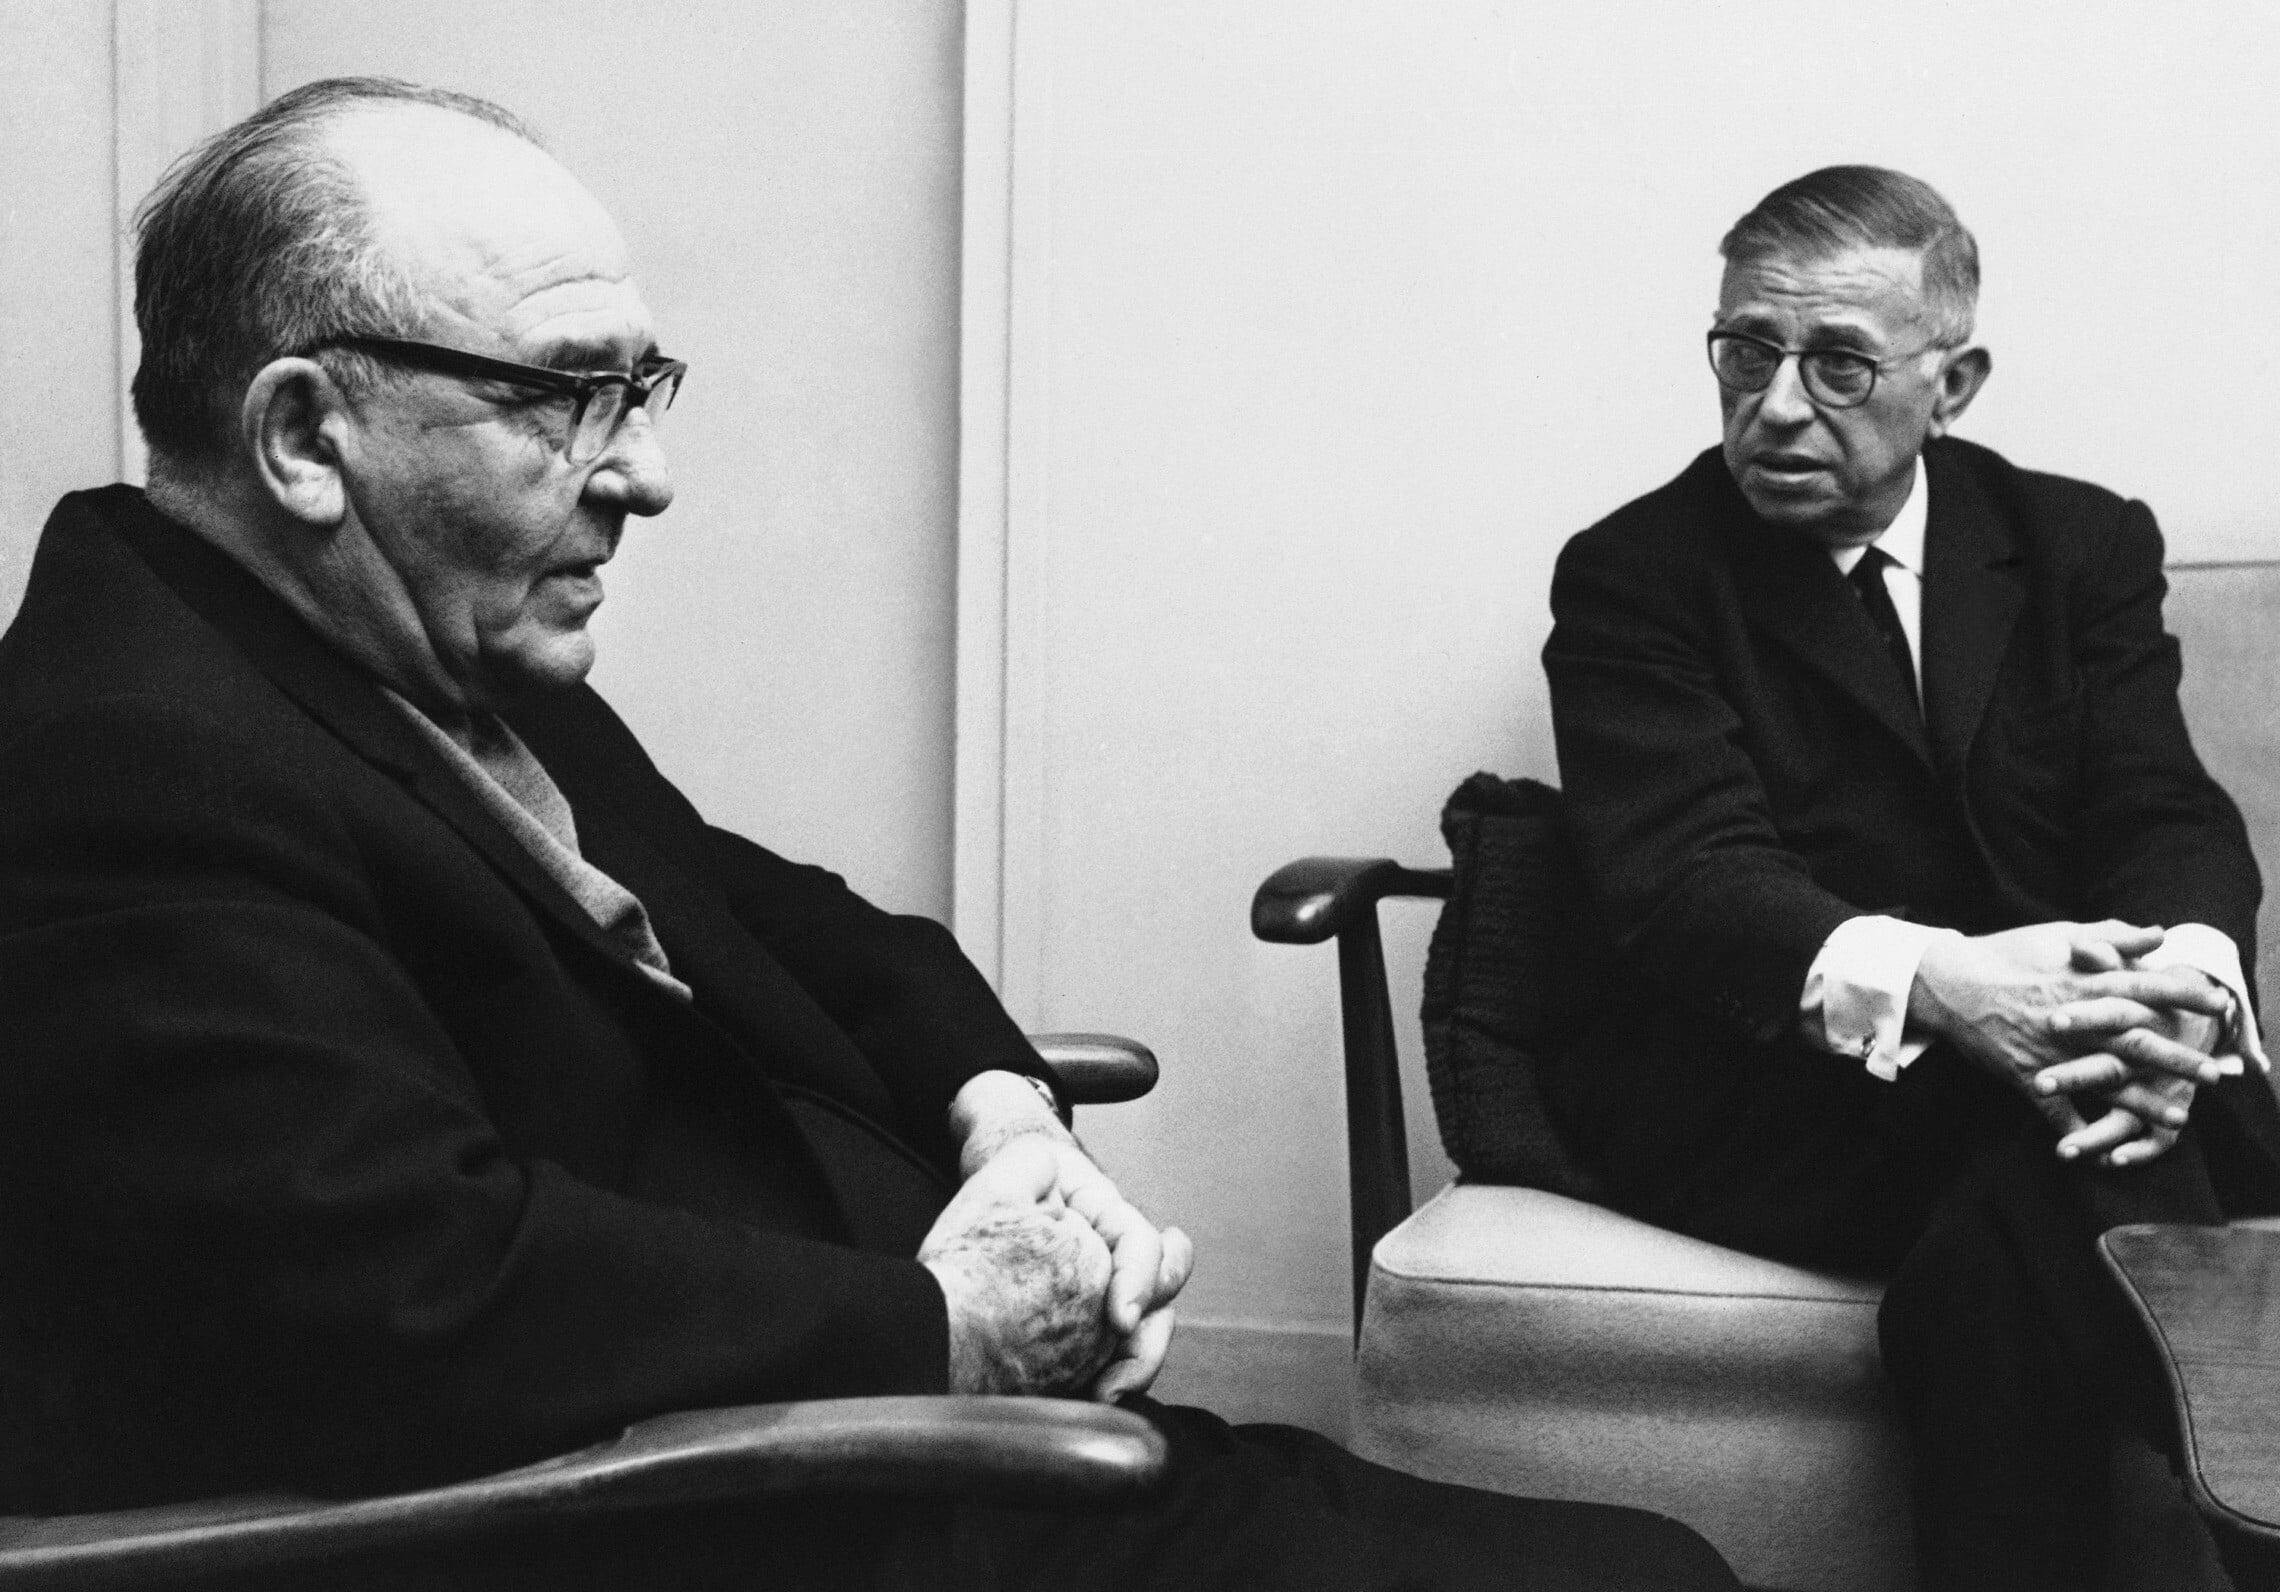 ז'אן-פול סארטר בפגישה עם ראש הממשלה לוי אשכול בתל אביב, 29 במרץ 1967 (צילום: AP Photo)